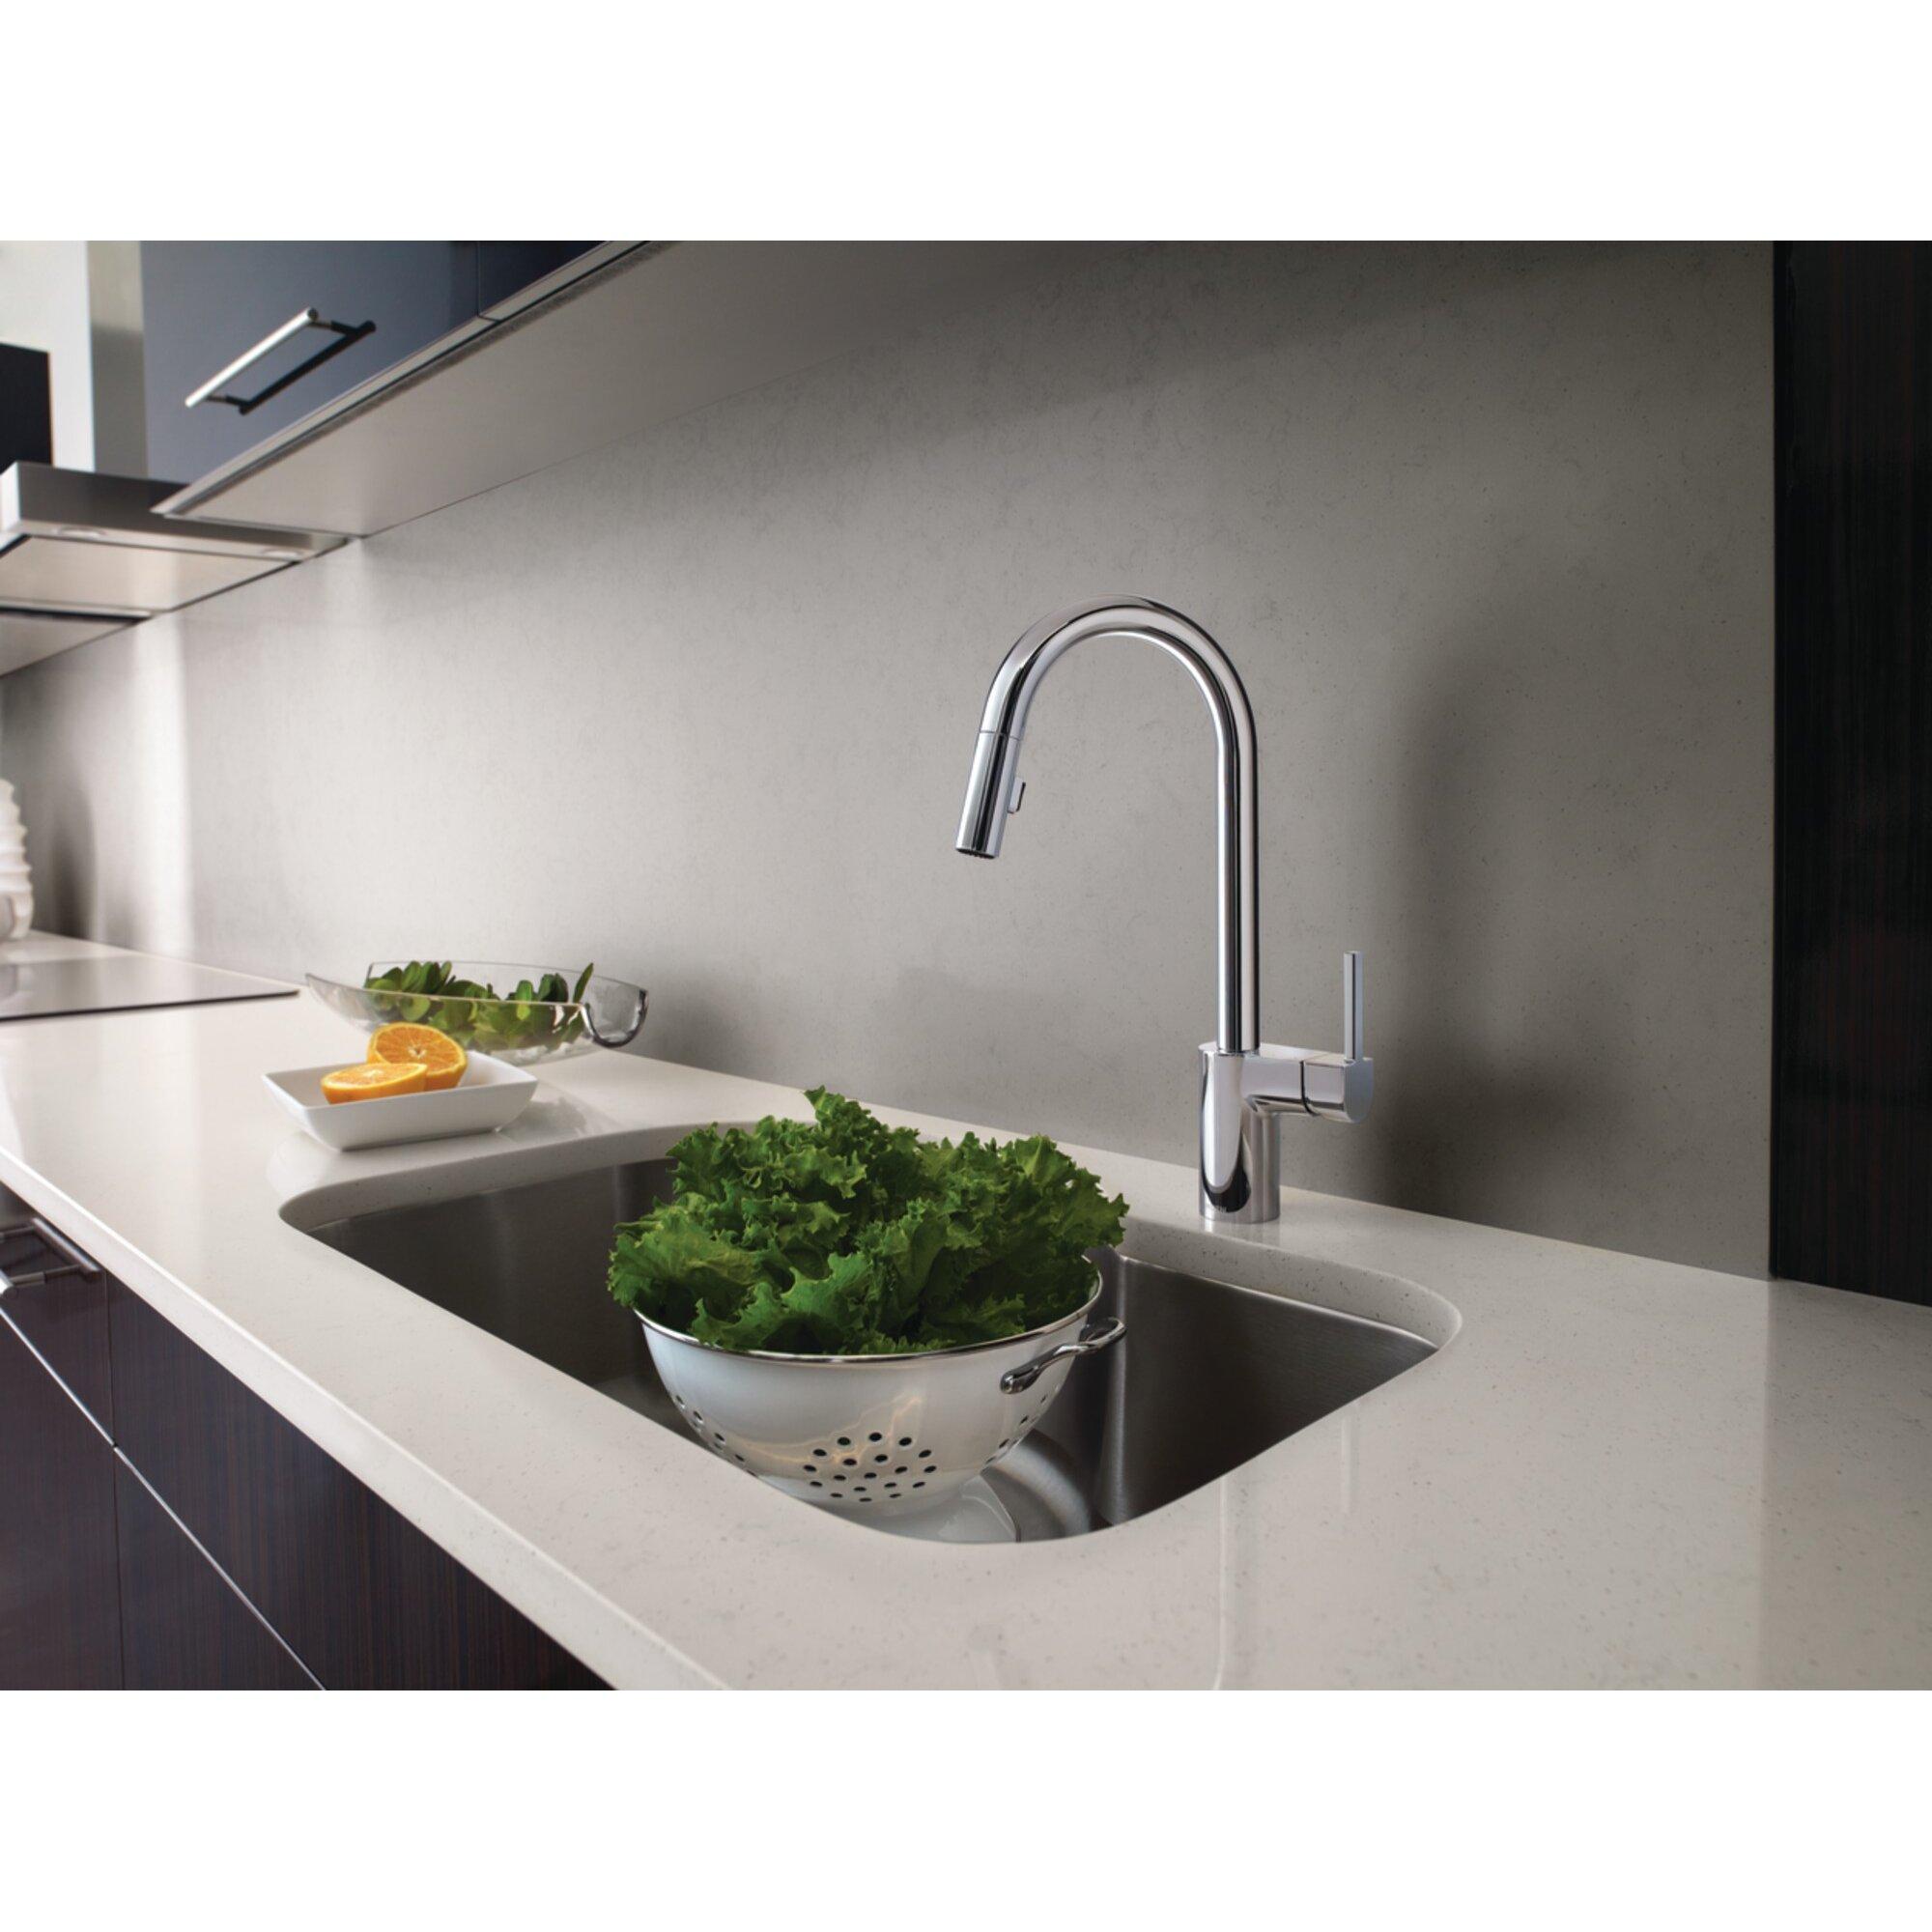 Moen Align Single Handle Kitchen Faucet Reviews – Single Kitchen Faucet